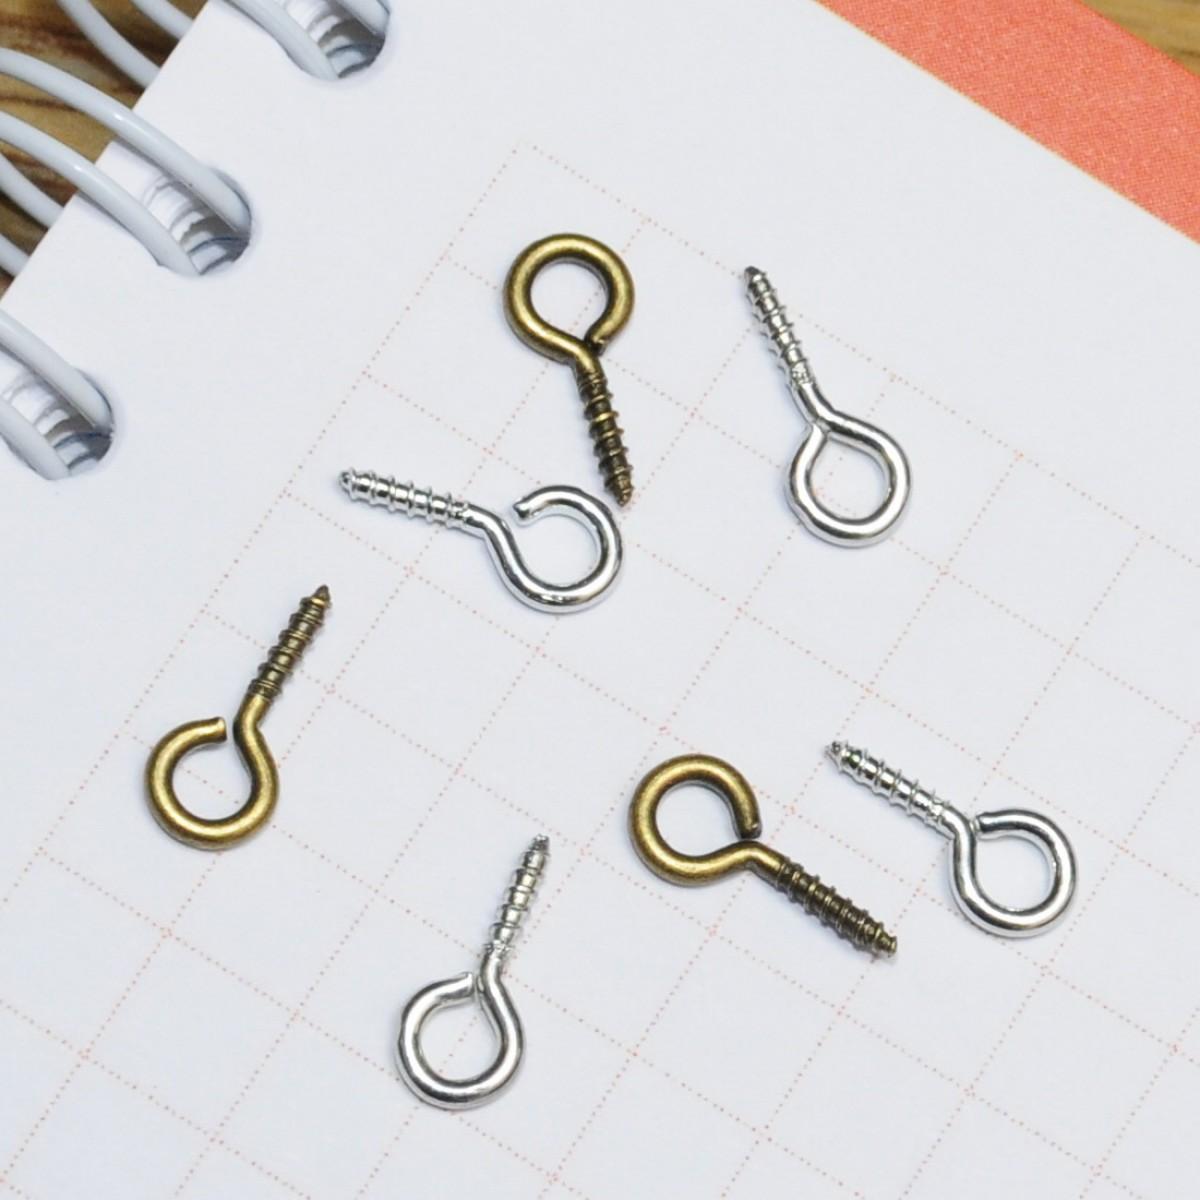 Миниатюрные крючки для фото